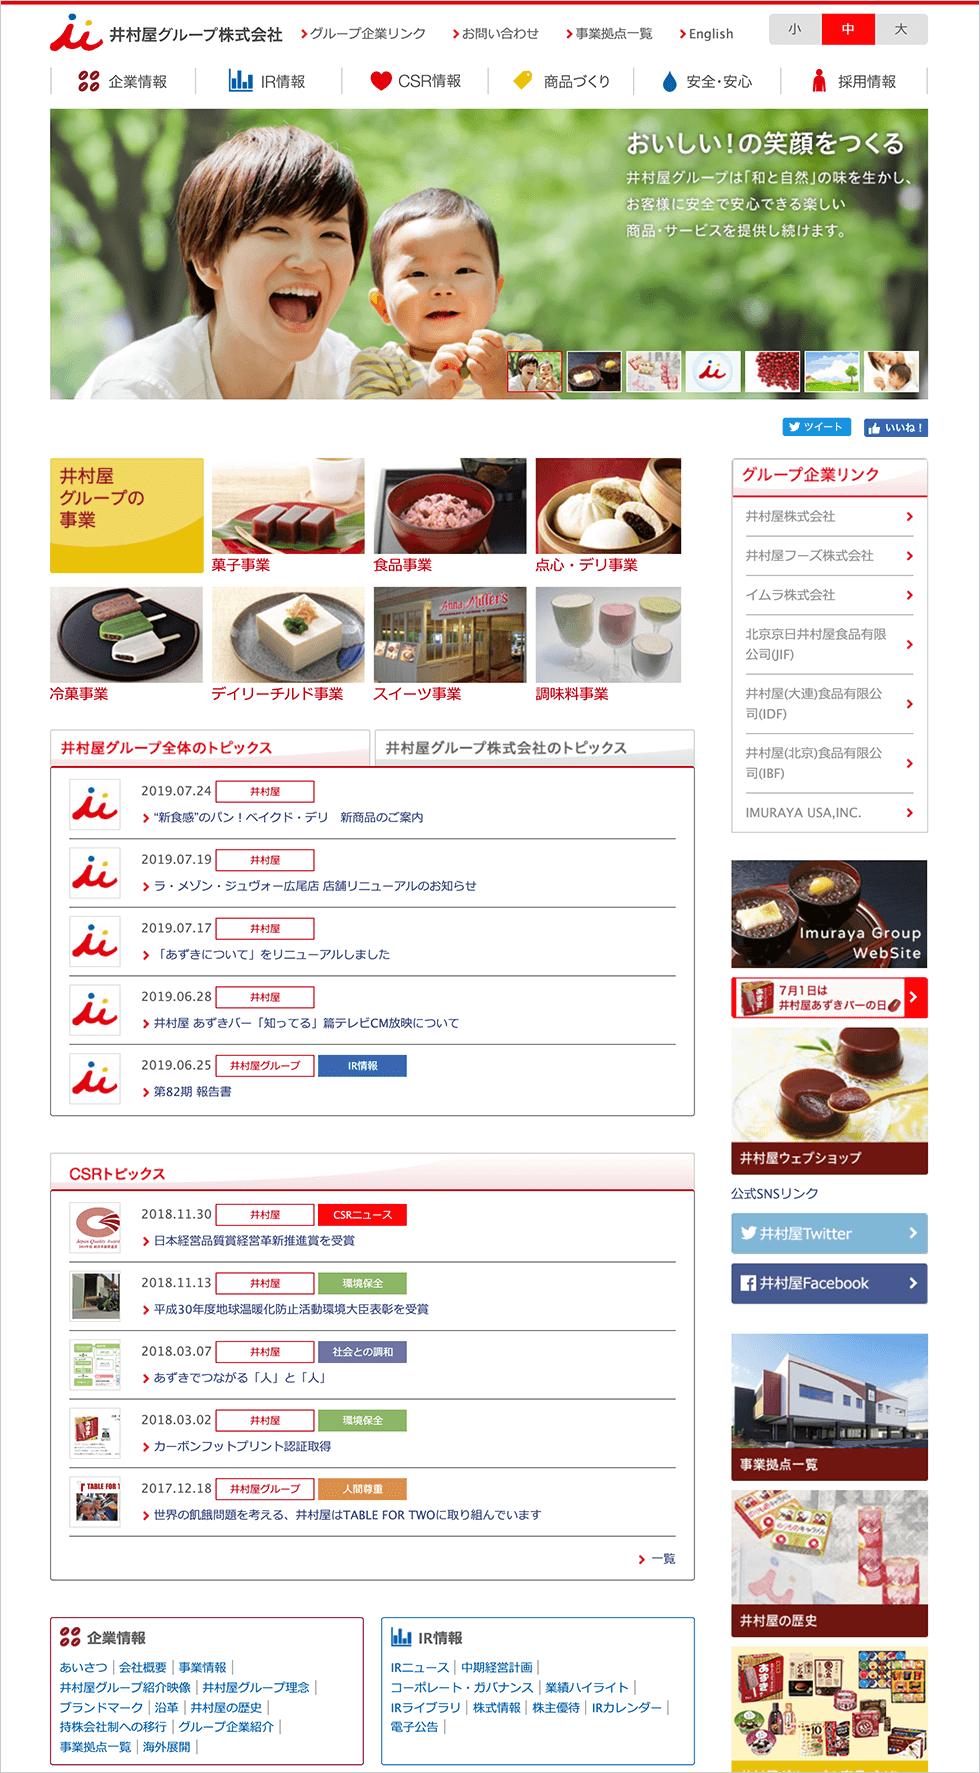 井村屋グループのPCトップページ画像